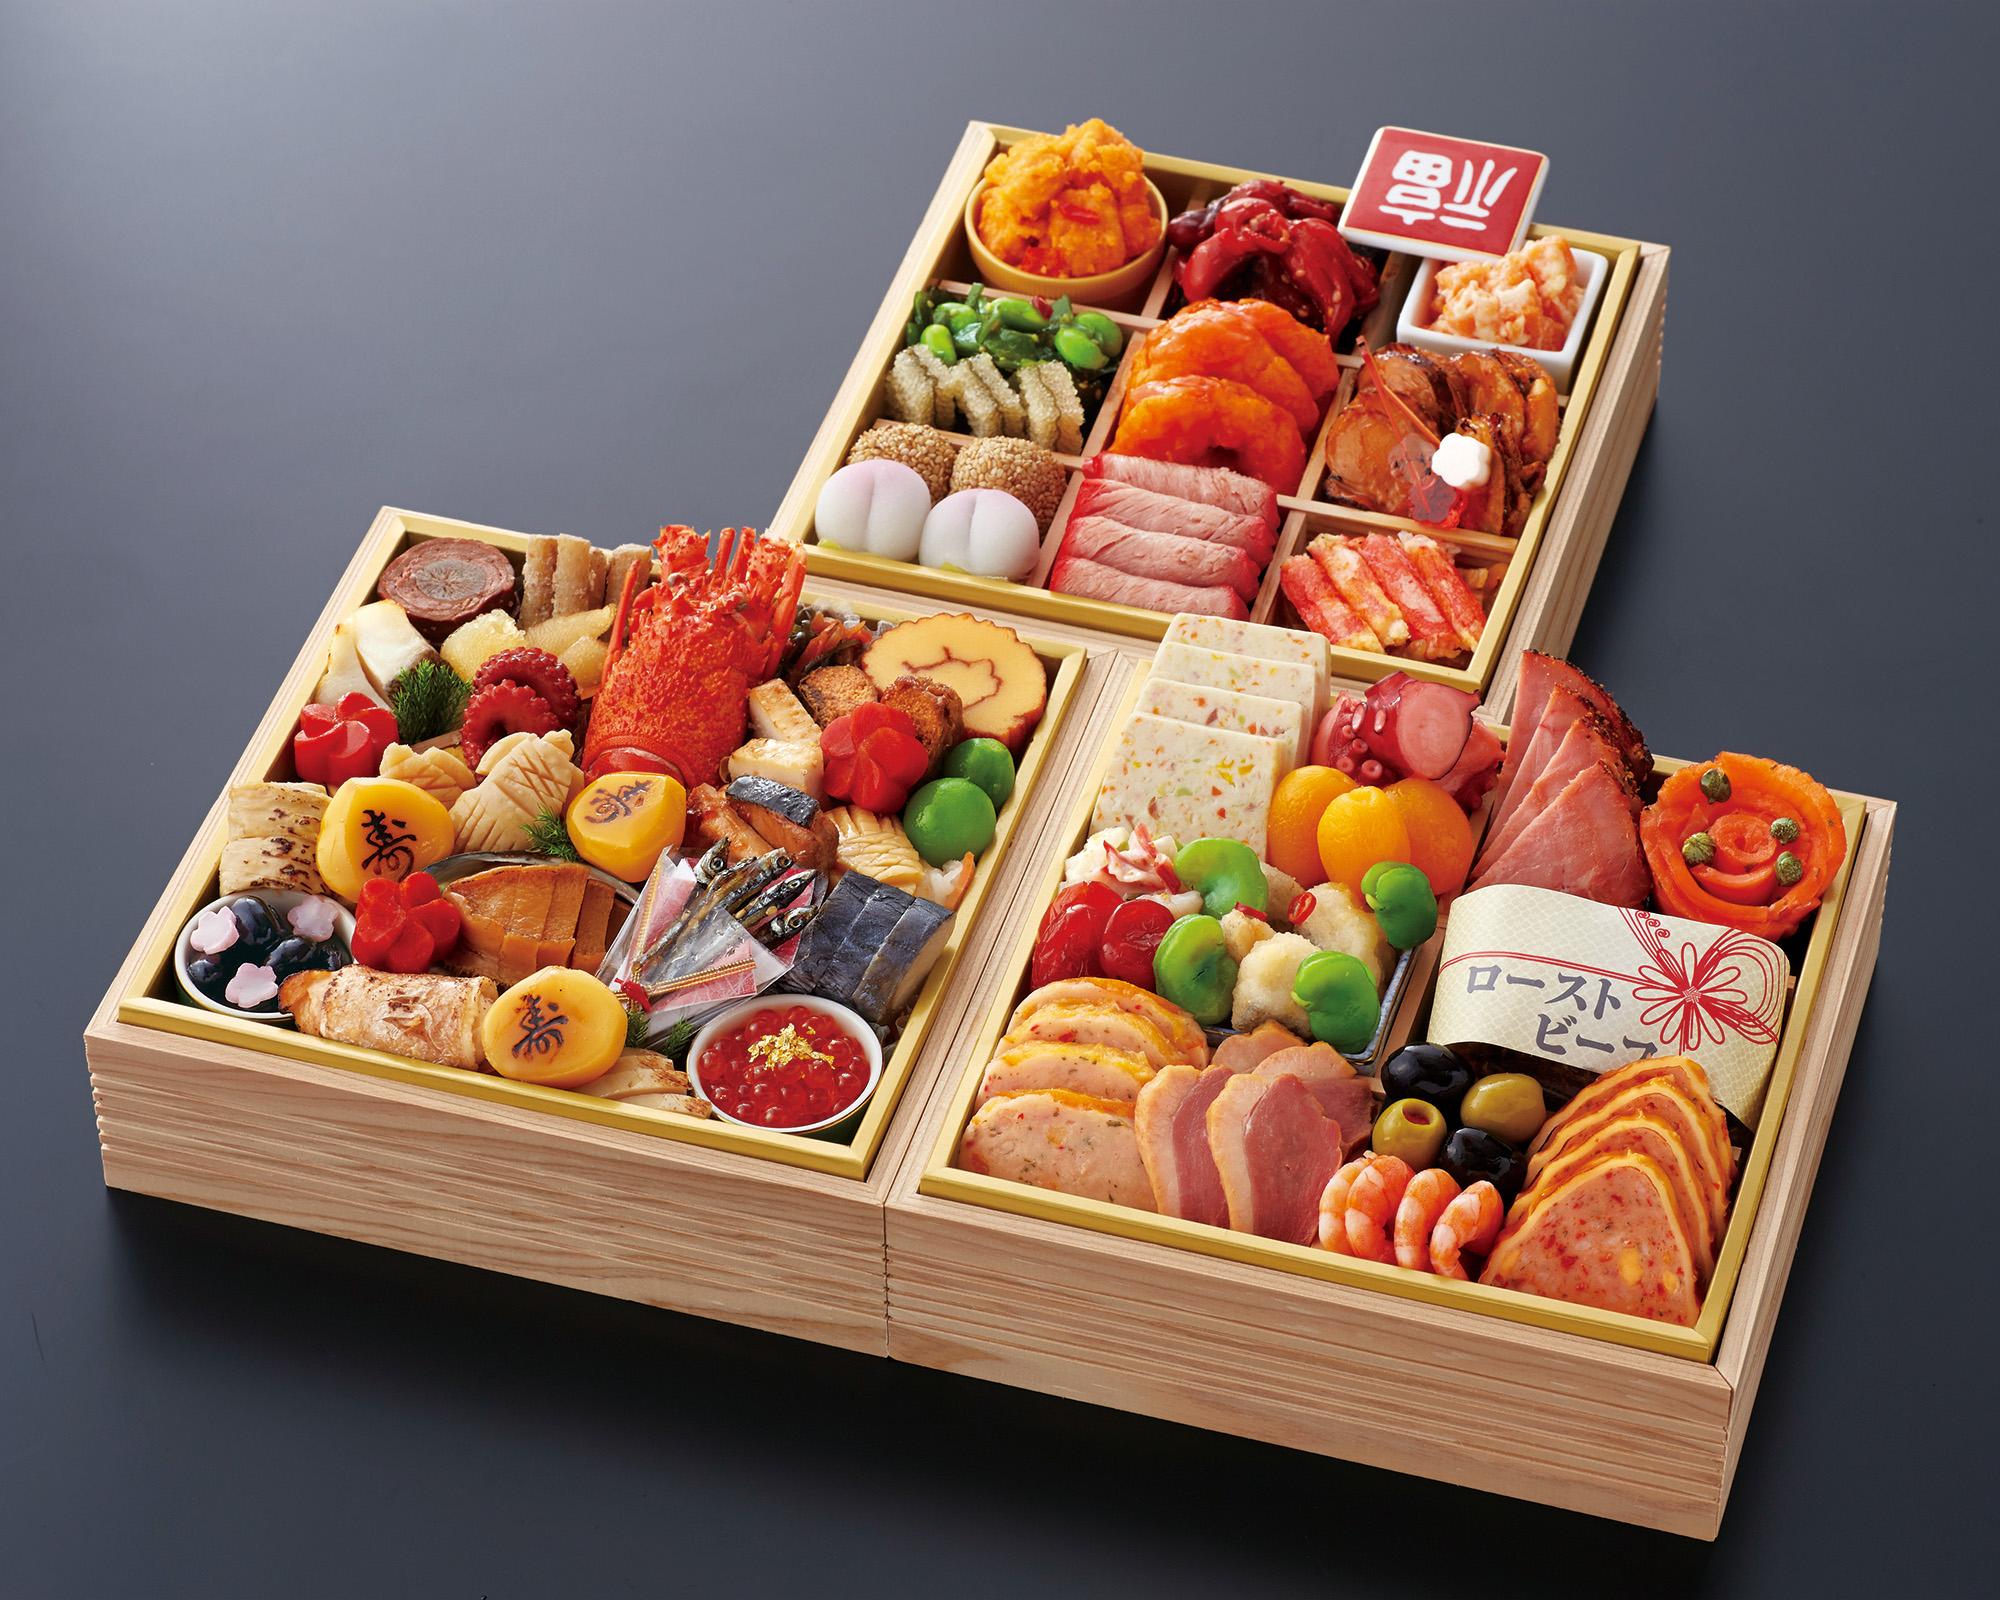 おせち料理 神戸たん熊北店コラボ 和洋中 三段重 (3~4名様用)画像